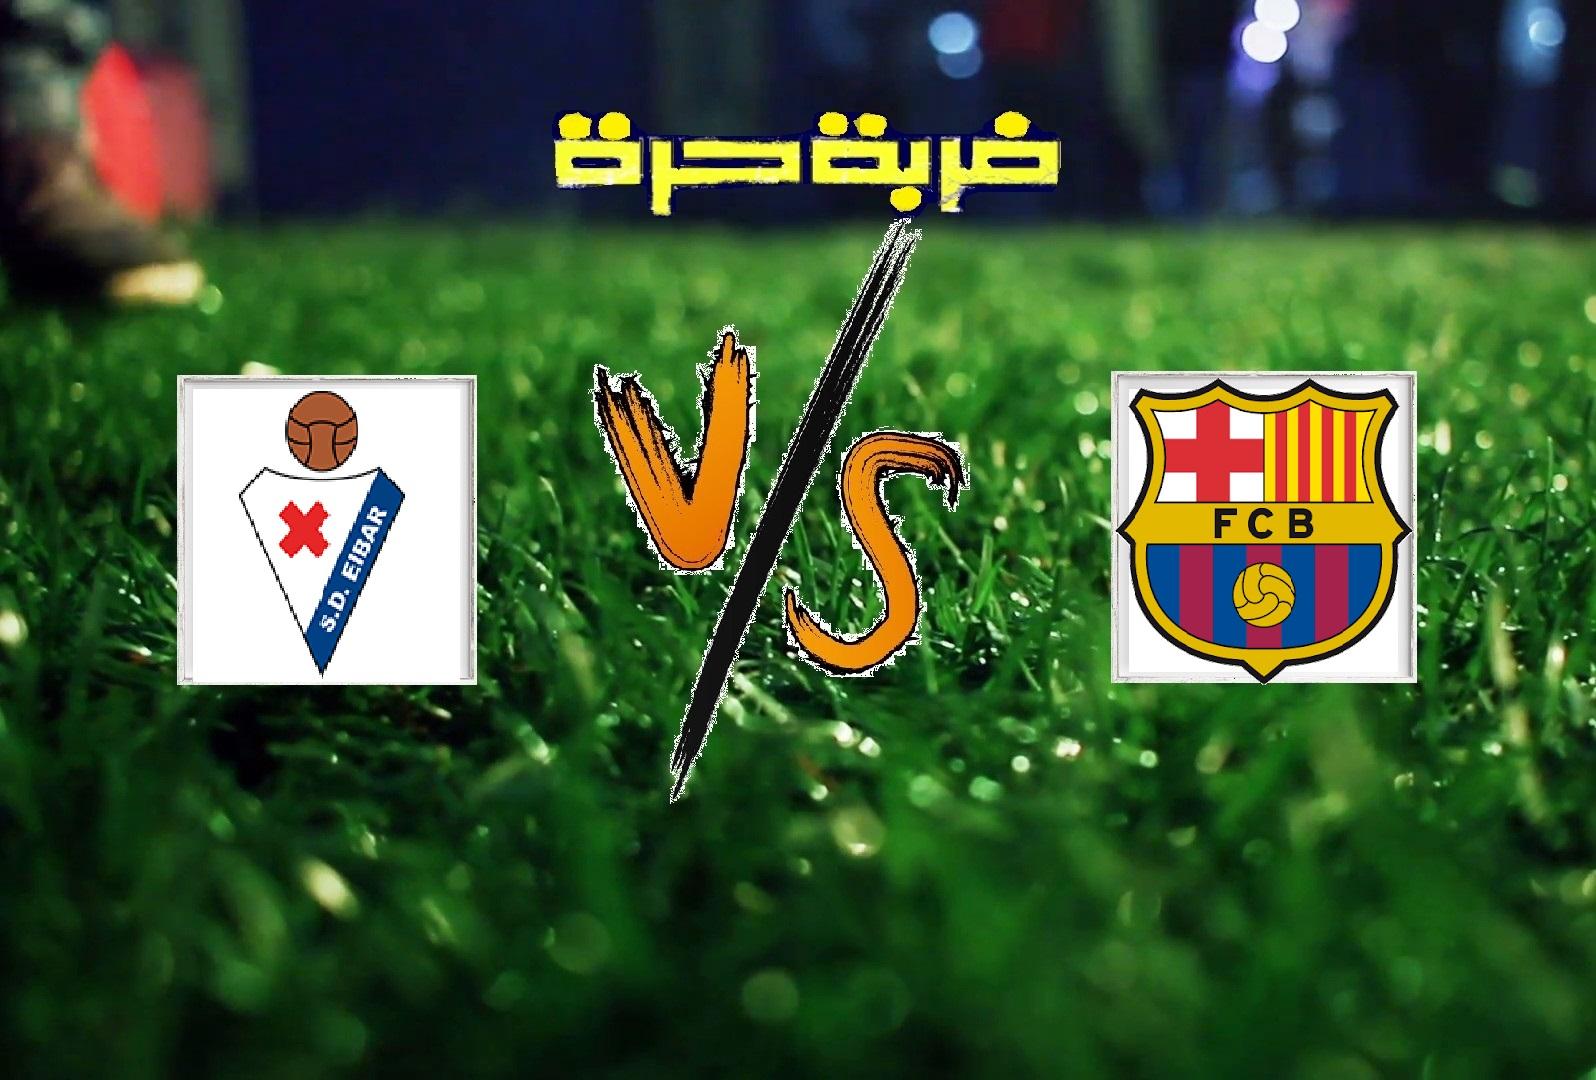 ملخص مباراة برشلونة وايبار اليوم الاحد بتاريخ 19-05-2019 الدوري الاسباني